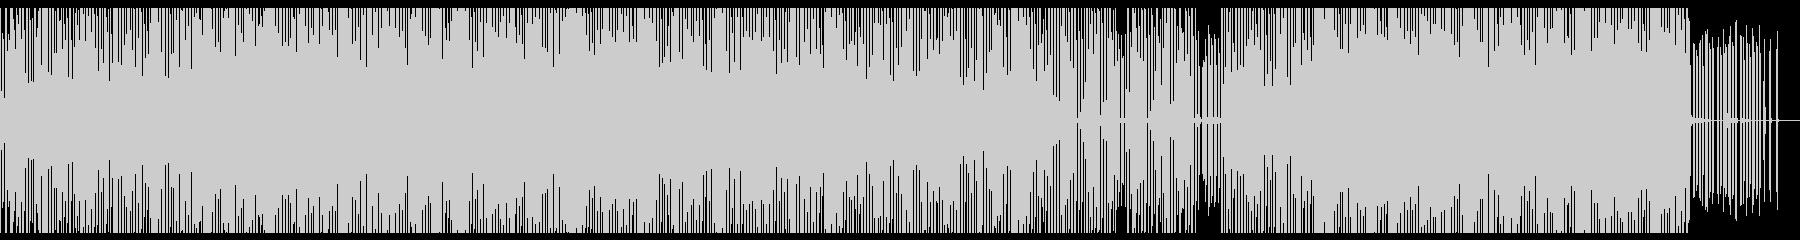 夕暮れのムーディーなチップチューンの未再生の波形